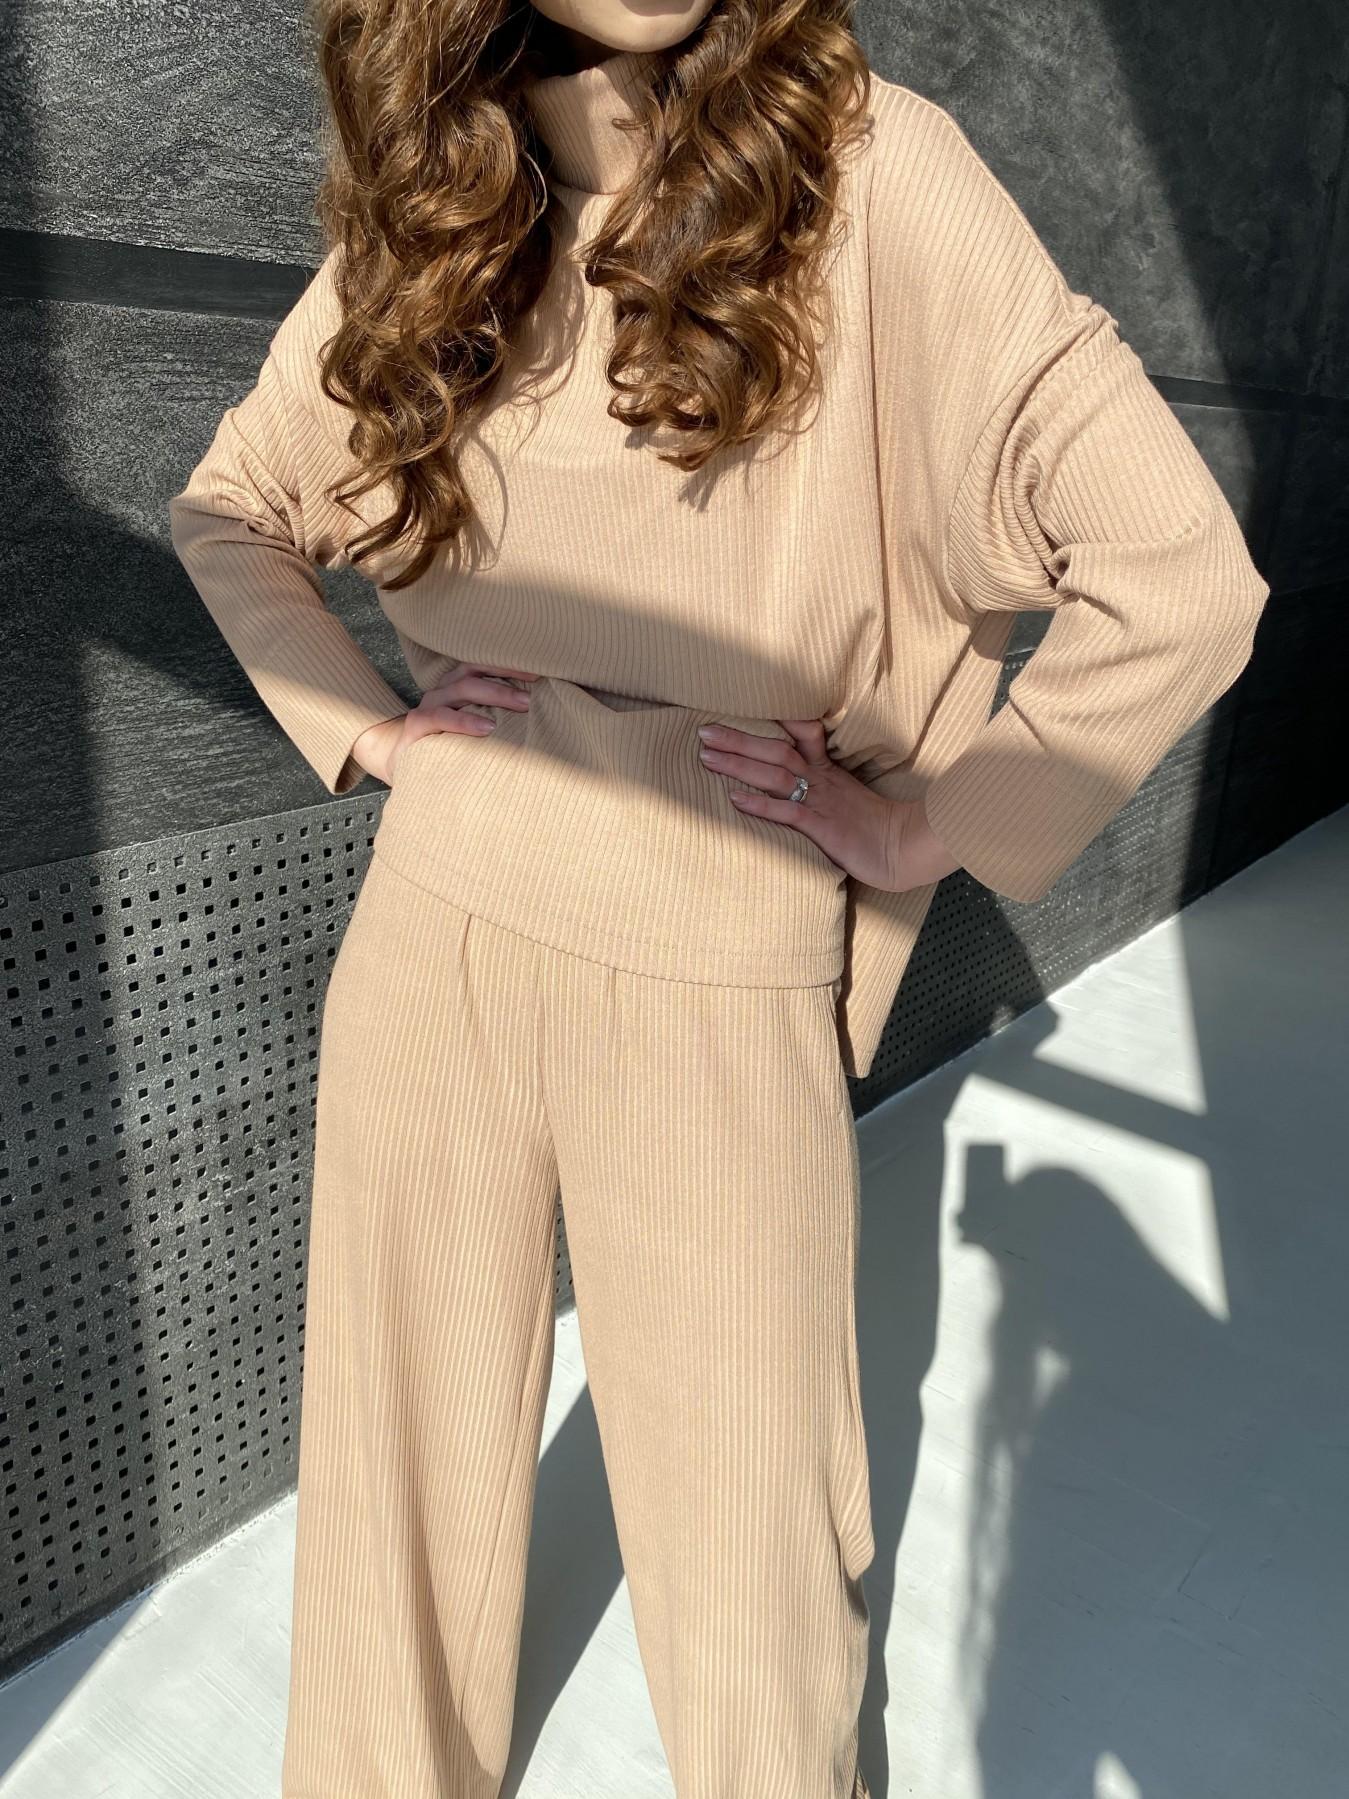 Лав Ю прогулочный костюм в рубчик 10826 АРТ. 47314 Цвет: Кемел - фото 4, интернет магазин tm-modus.ru